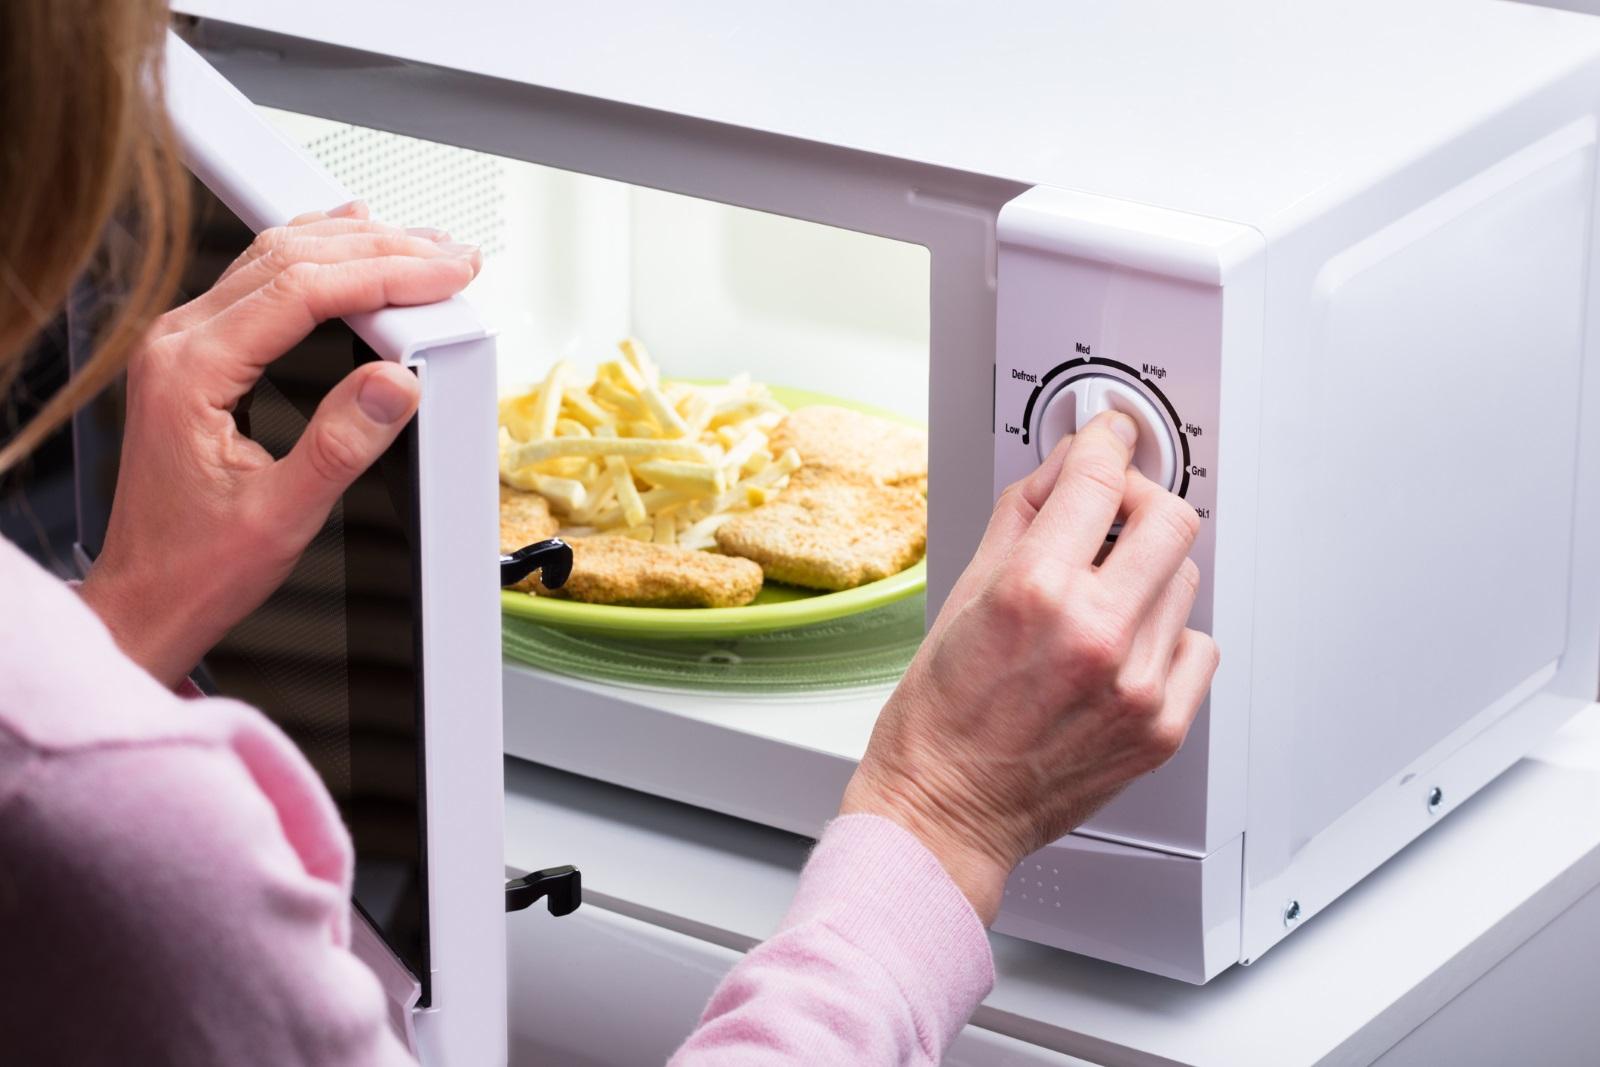 <p>Чинийката в микровълновата не се върти</p>  <p>Много често това се случва и остава незабелязано дълго време, защото на пръв поглед уредът работи и не разбирате, че има някакъв проблем. Ако чинийката не се върти, не може да подгреете храната си добре. Първо проверете дали под чинийката няма остатъци от храна, които ѝ пречат да бъде на мястото си. Ако не, потърсете резервни части в зависимост от модела на микровълновата.&nbsp;&nbsp;</p>